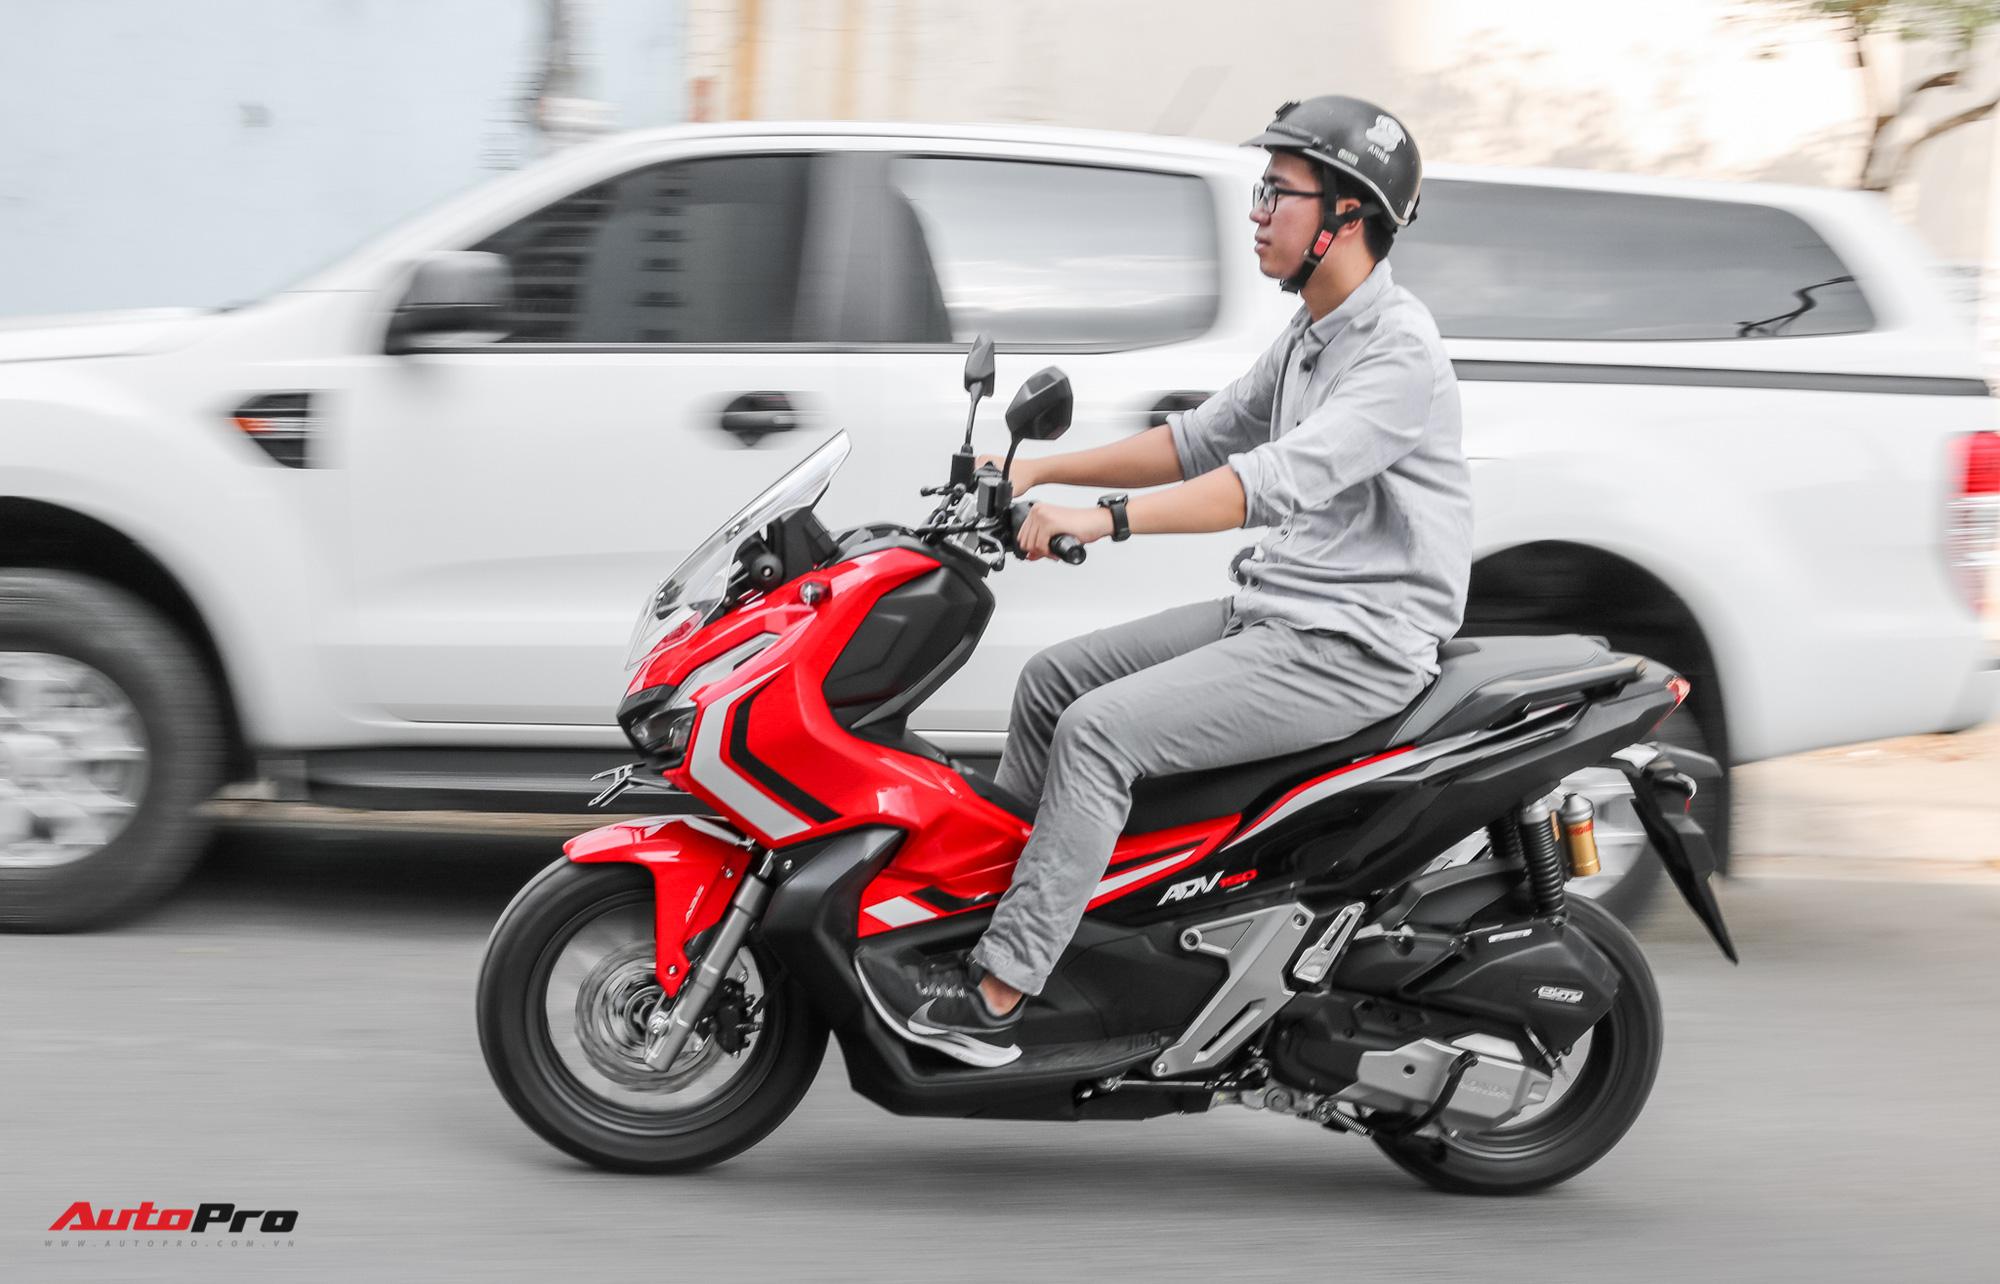 Honda ADV 150 ABS - xe tay ga cho khách Việt không thích SH